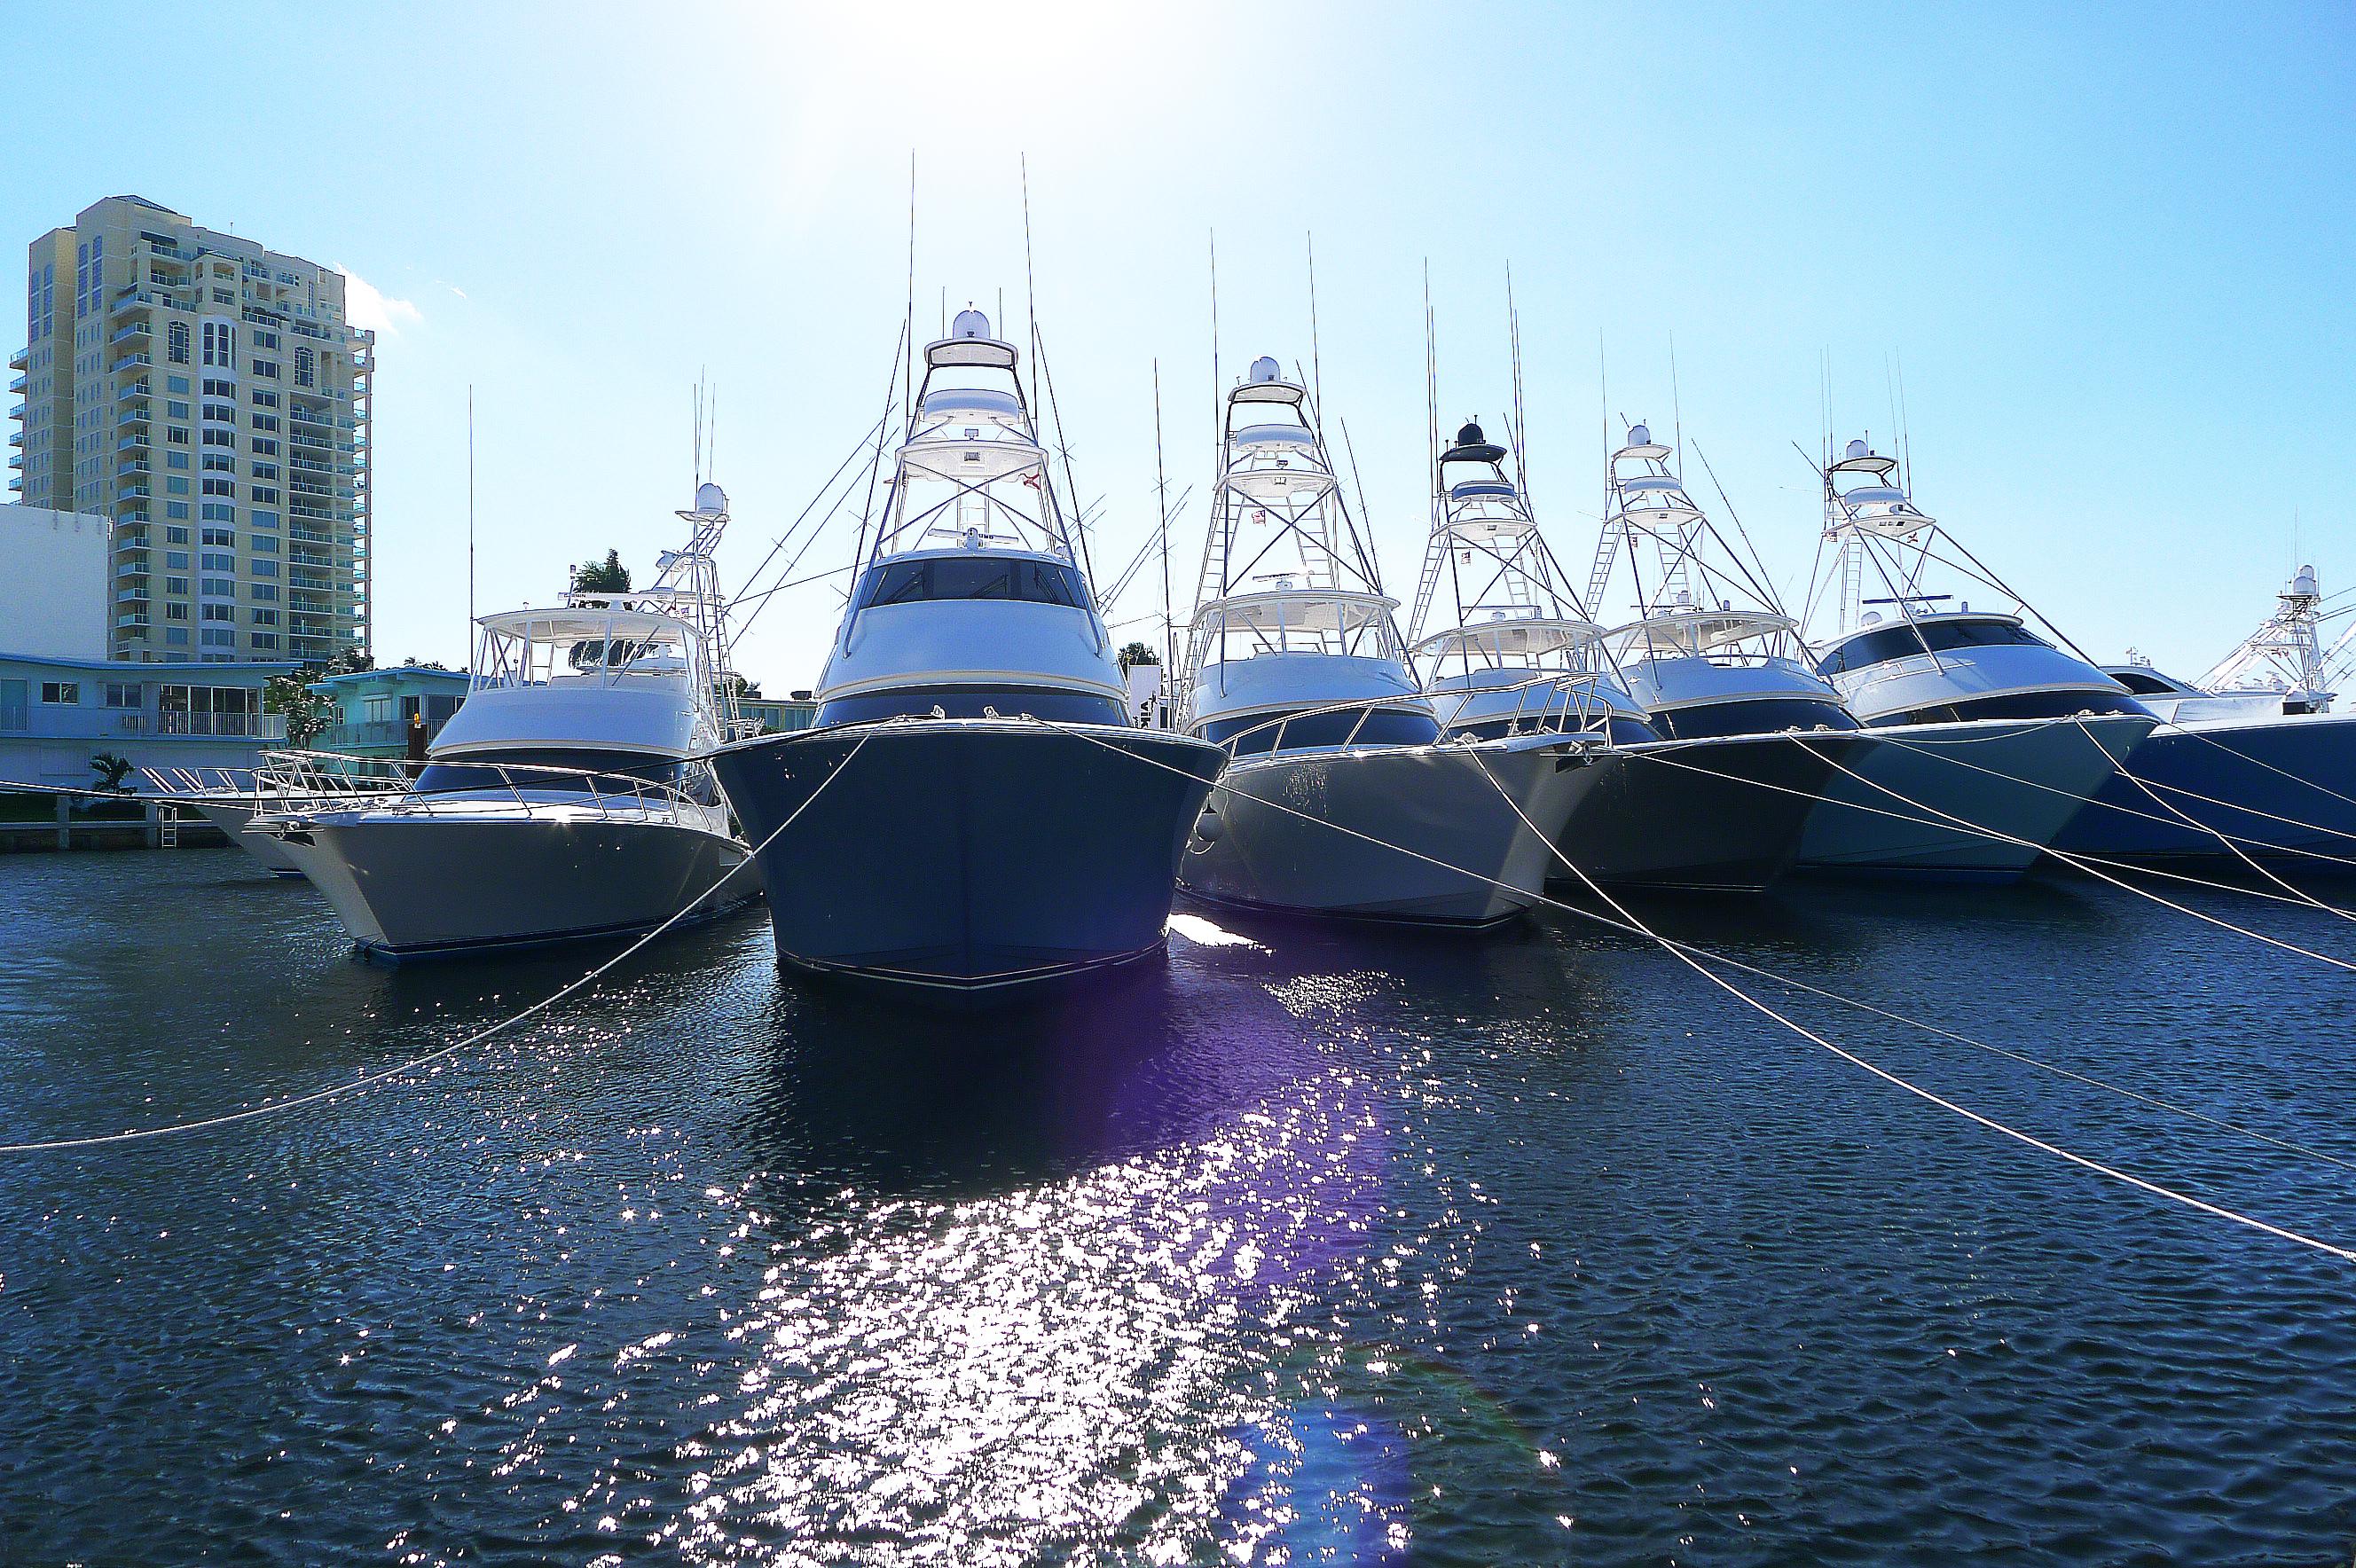 Amerikanska lyxfiskebåtar av märket Viking, Fort Lauderdale International Boat Show, Florida, okt/nov 2014. Foto: Erik Bergin